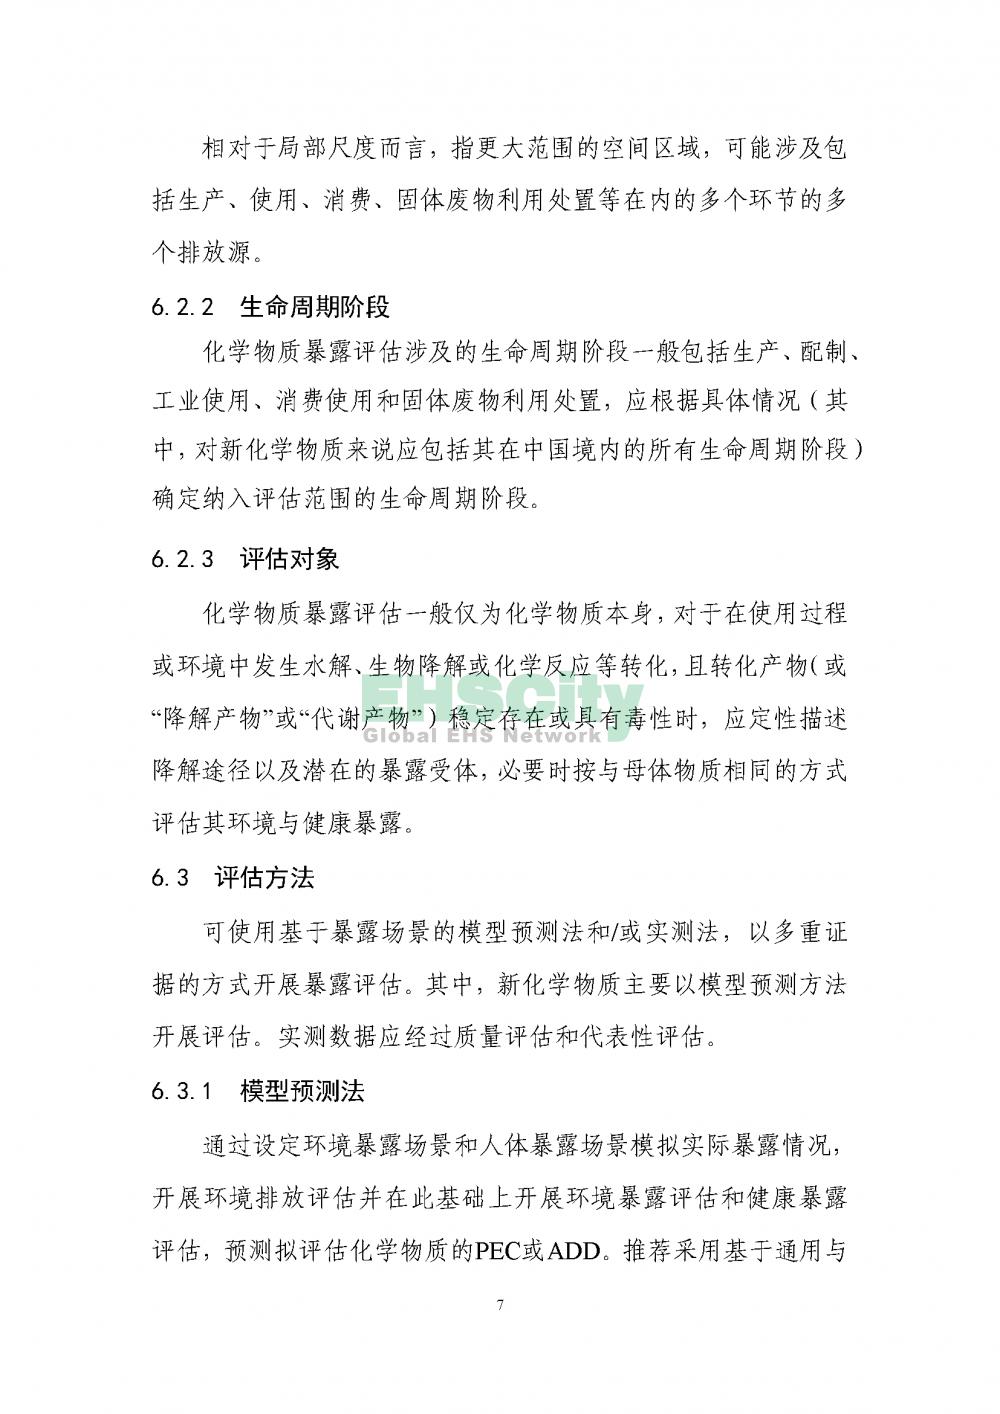 2化学物质环境与健康暴露评估技术导则_页面_09